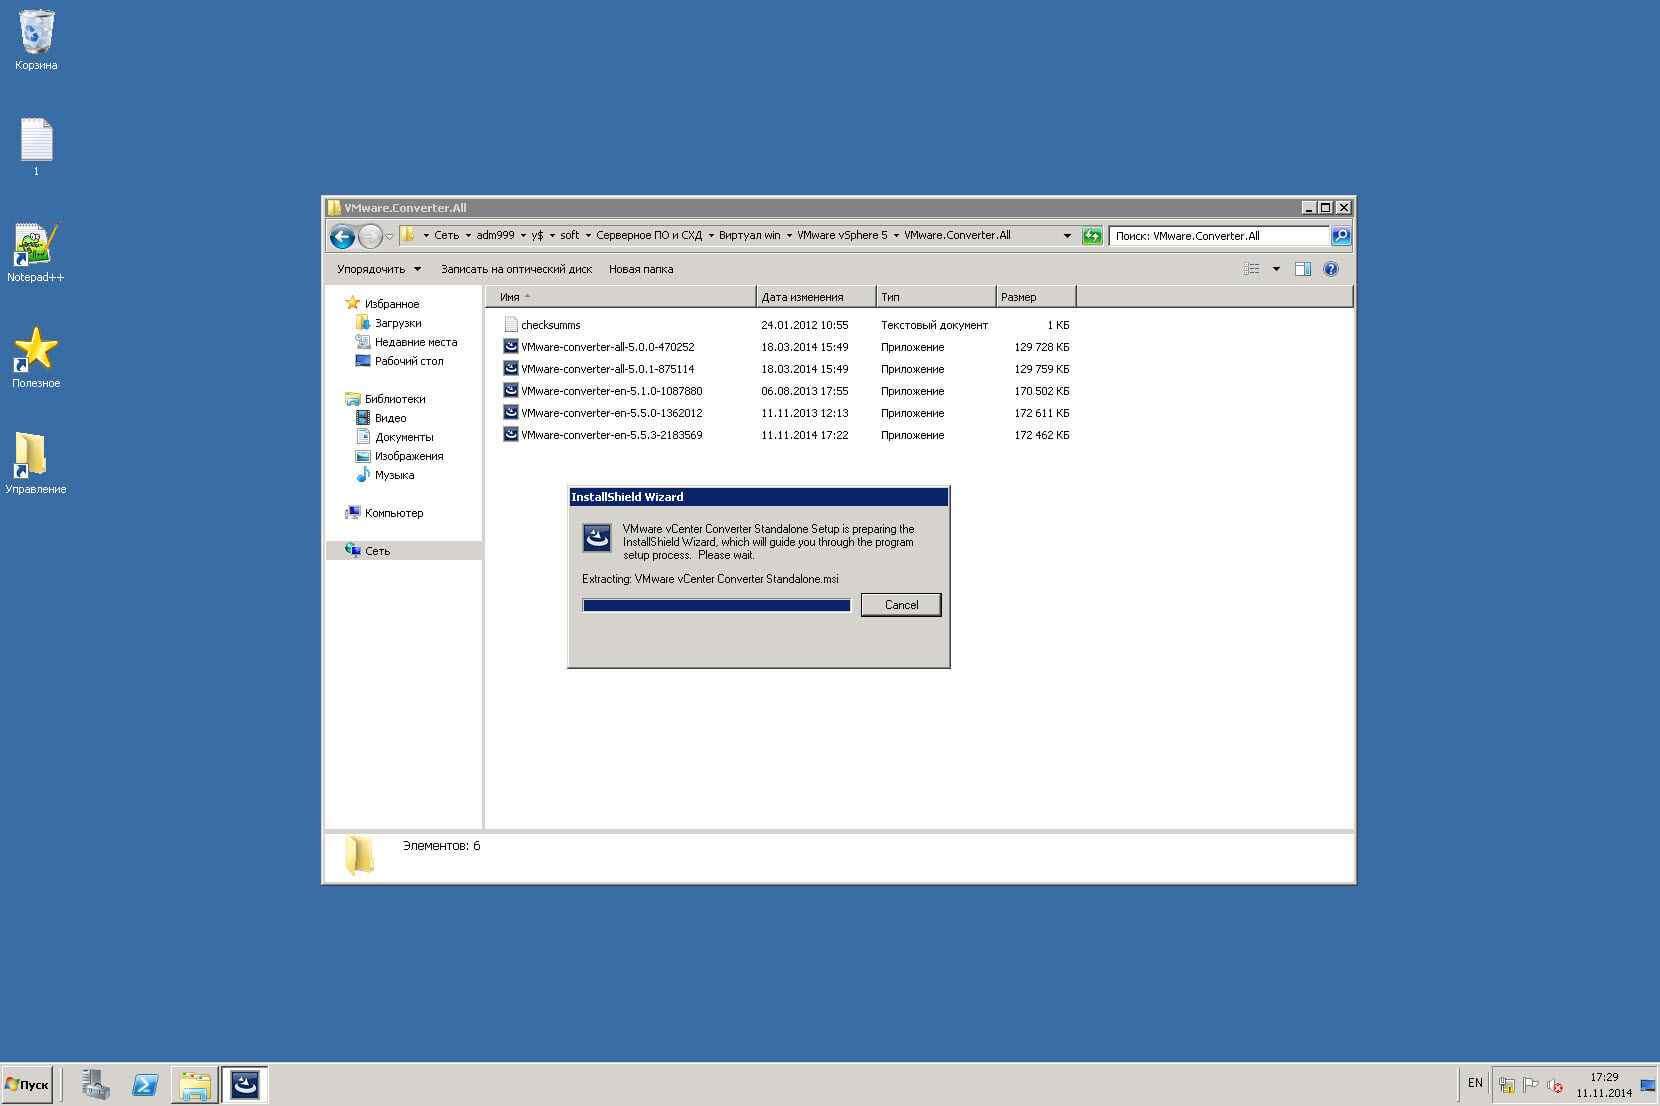 Как установить VMware vCenter Converter Standalone 5.x.x-01